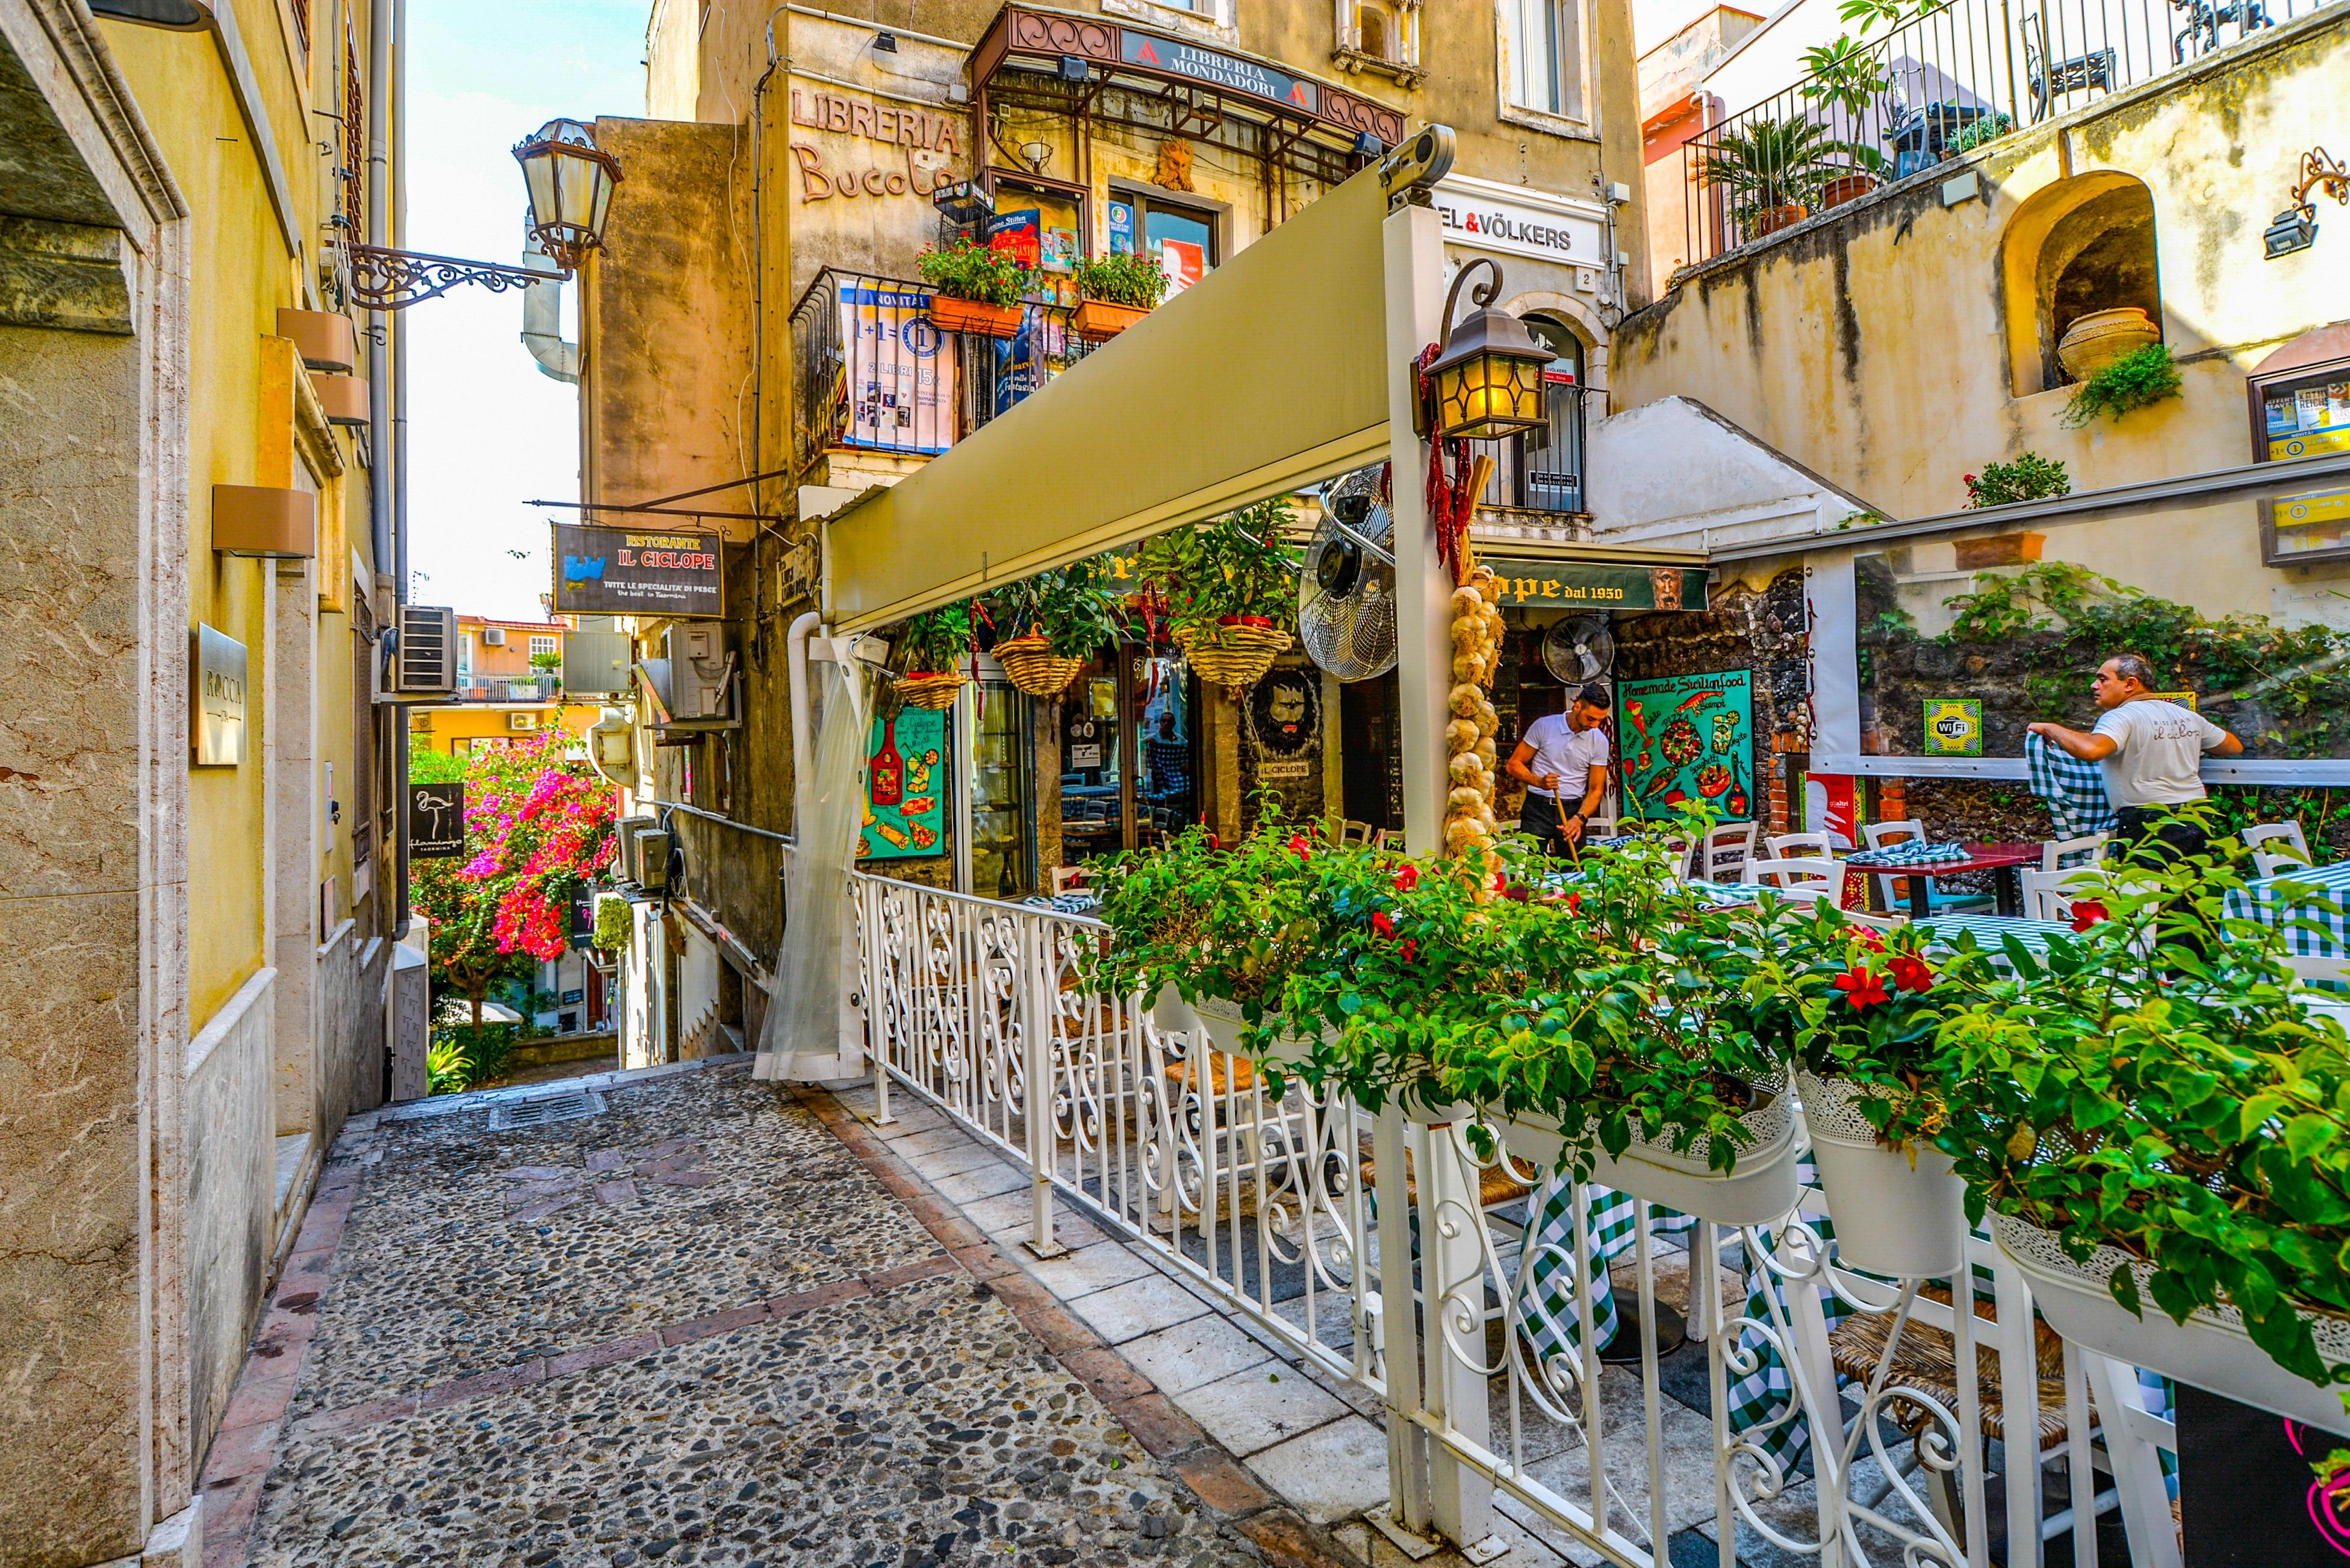 Фото уличных итальянских кафе высокого разрешения